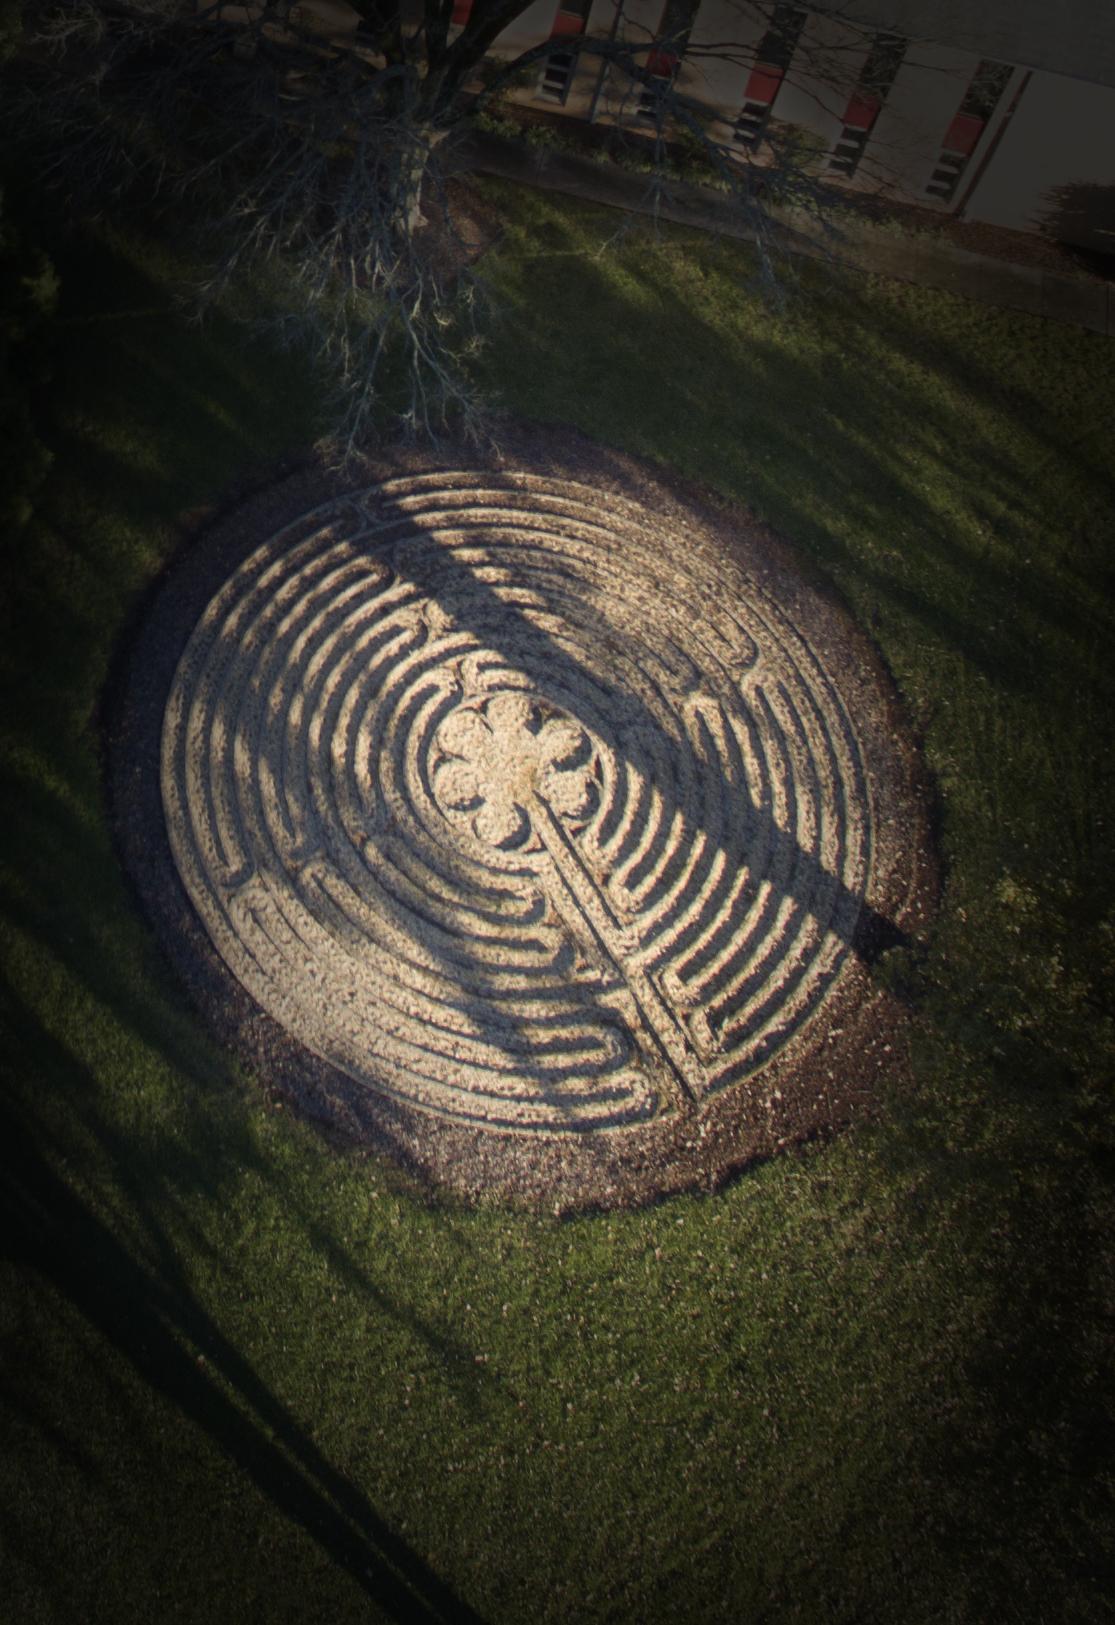 drone wedgewood labyrinth 11.jpg